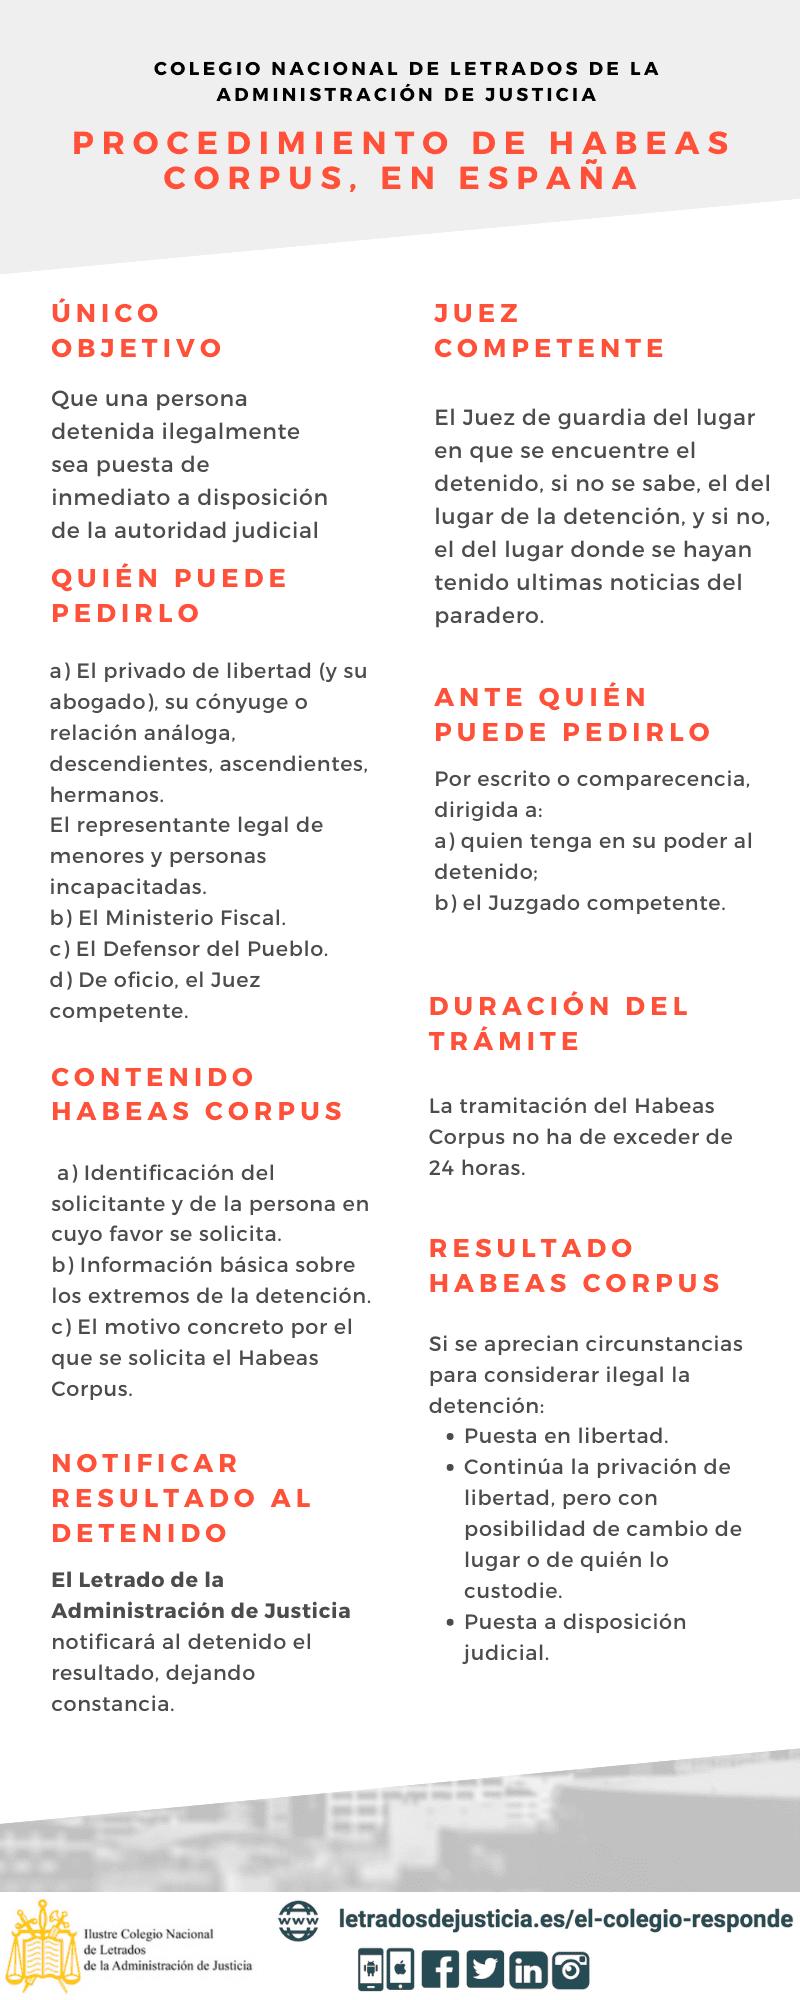 Letrados de Justicia. Procedimiento De Habeas Corpus en España